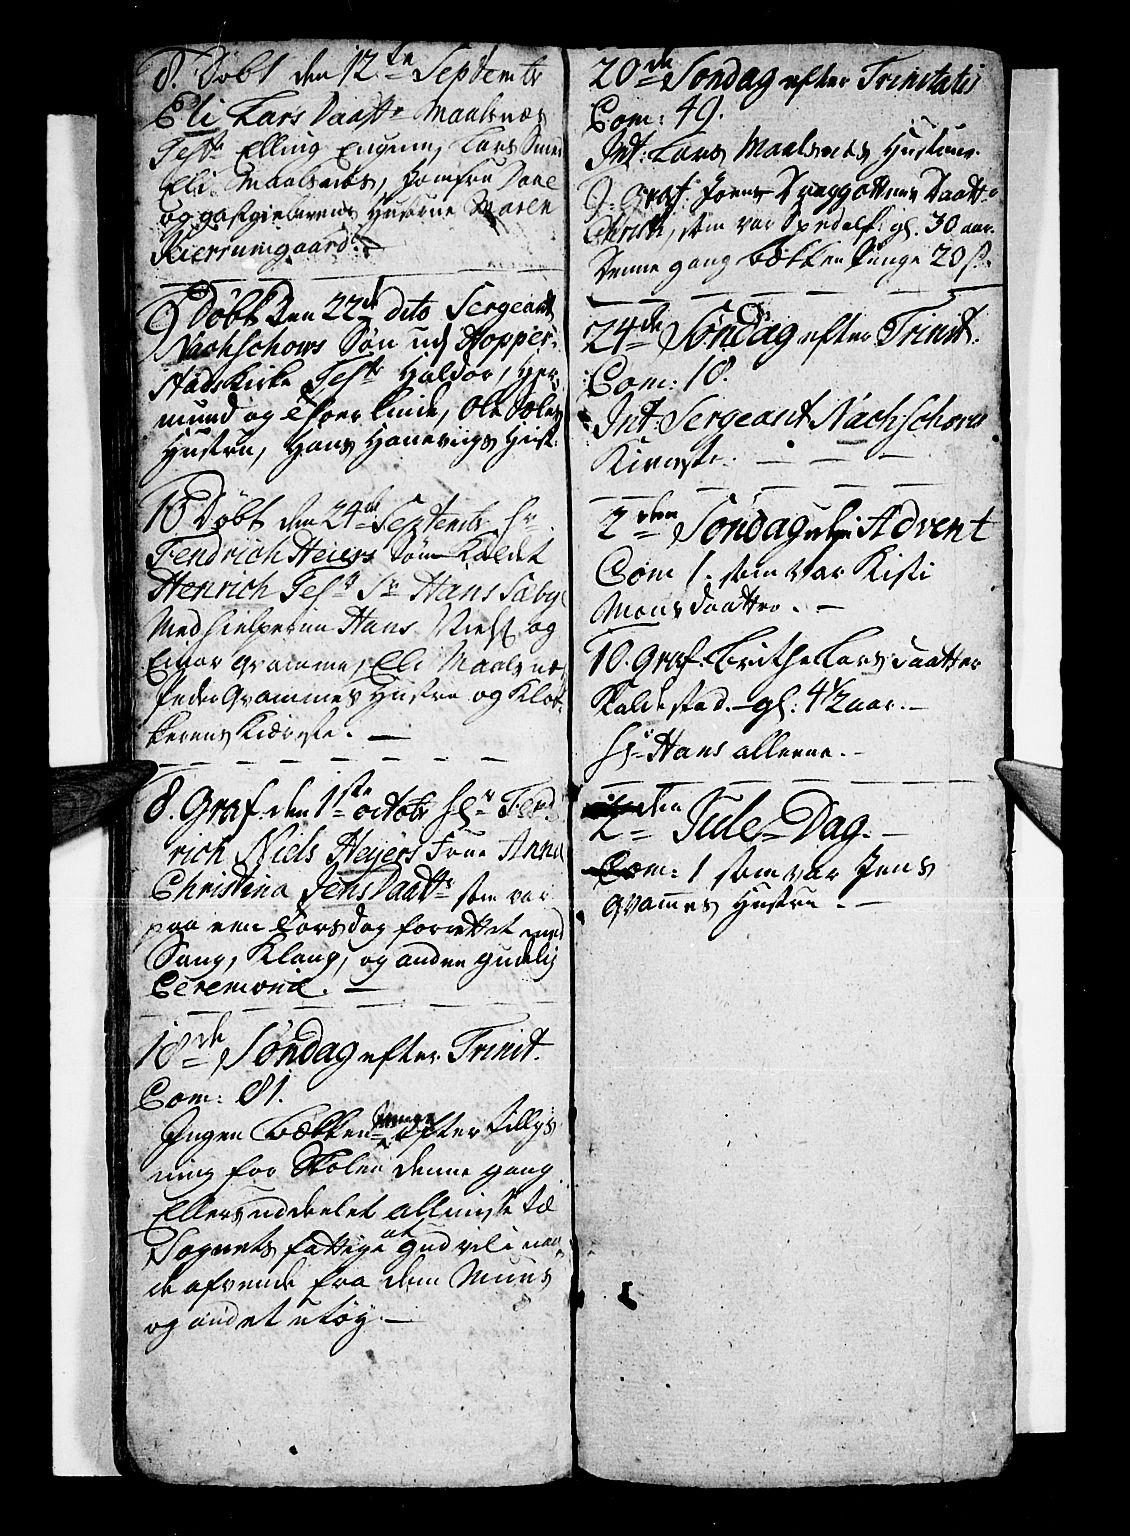 SAB, Vik Sokneprestembete, Ministerialbok nr. A 1 /4, 1727-1740